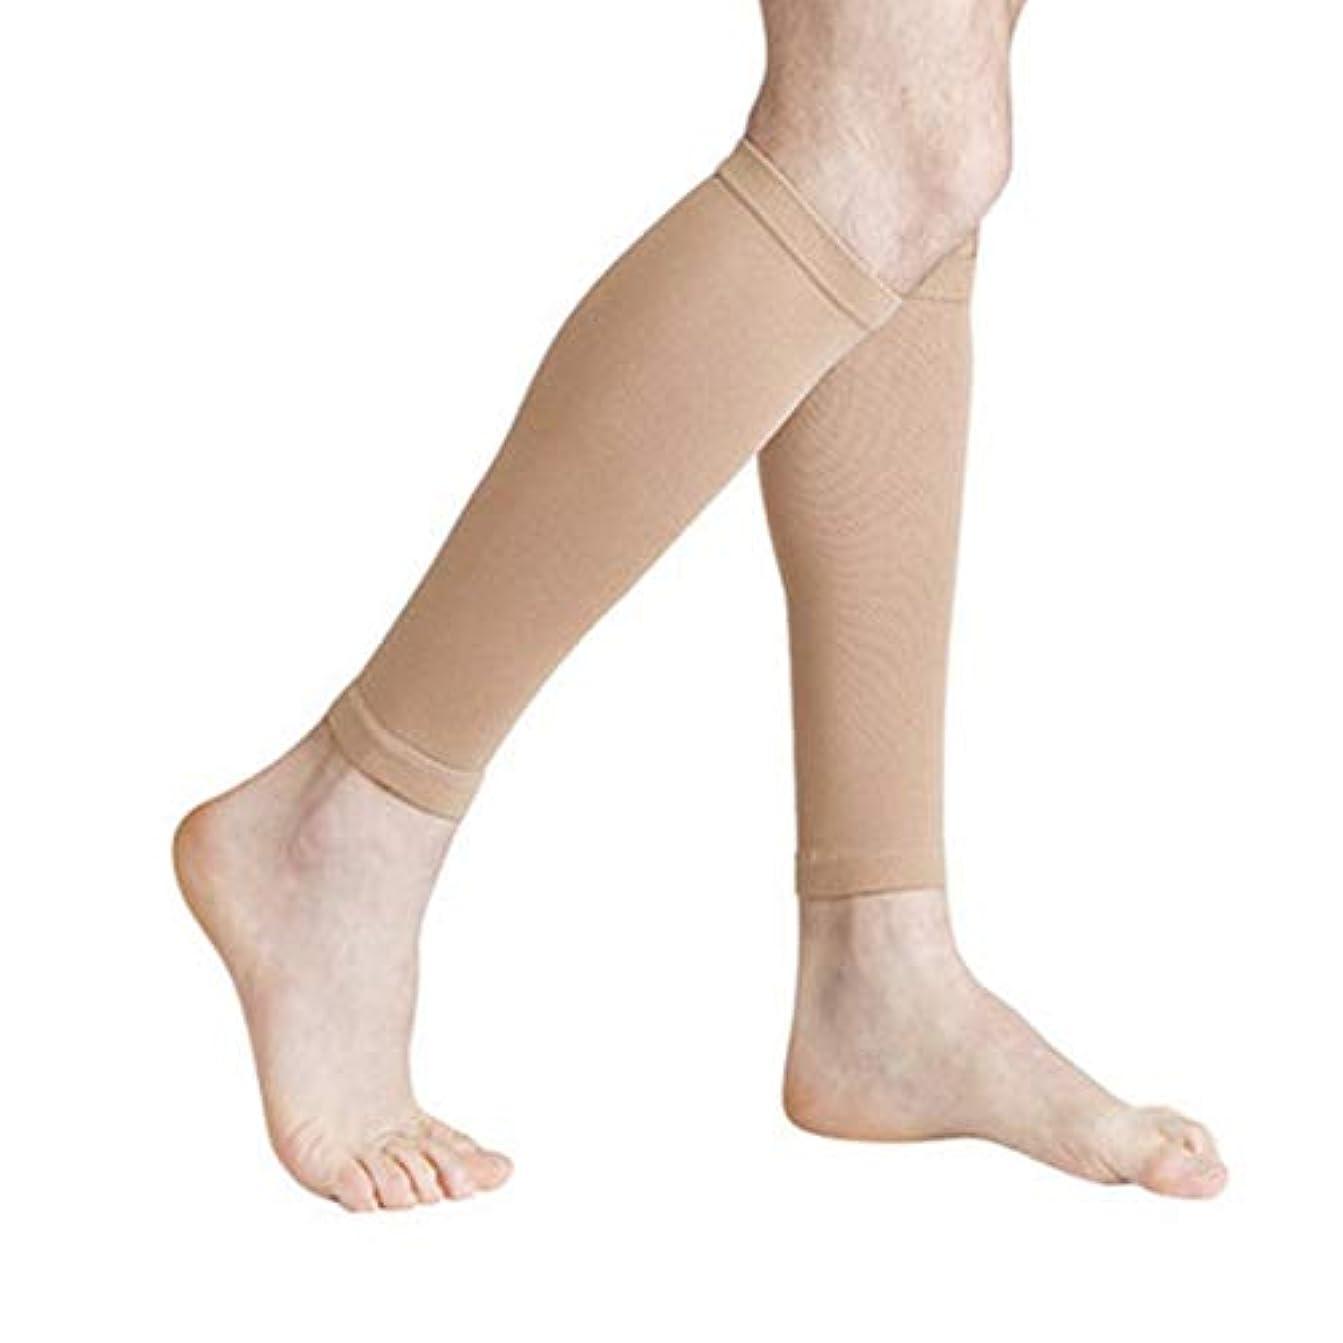 ダンプ肥料日食丈夫な男性女性プロの圧縮靴下通気性のある旅行活動看護師用シントスプリントフライトトラベル - 肌色